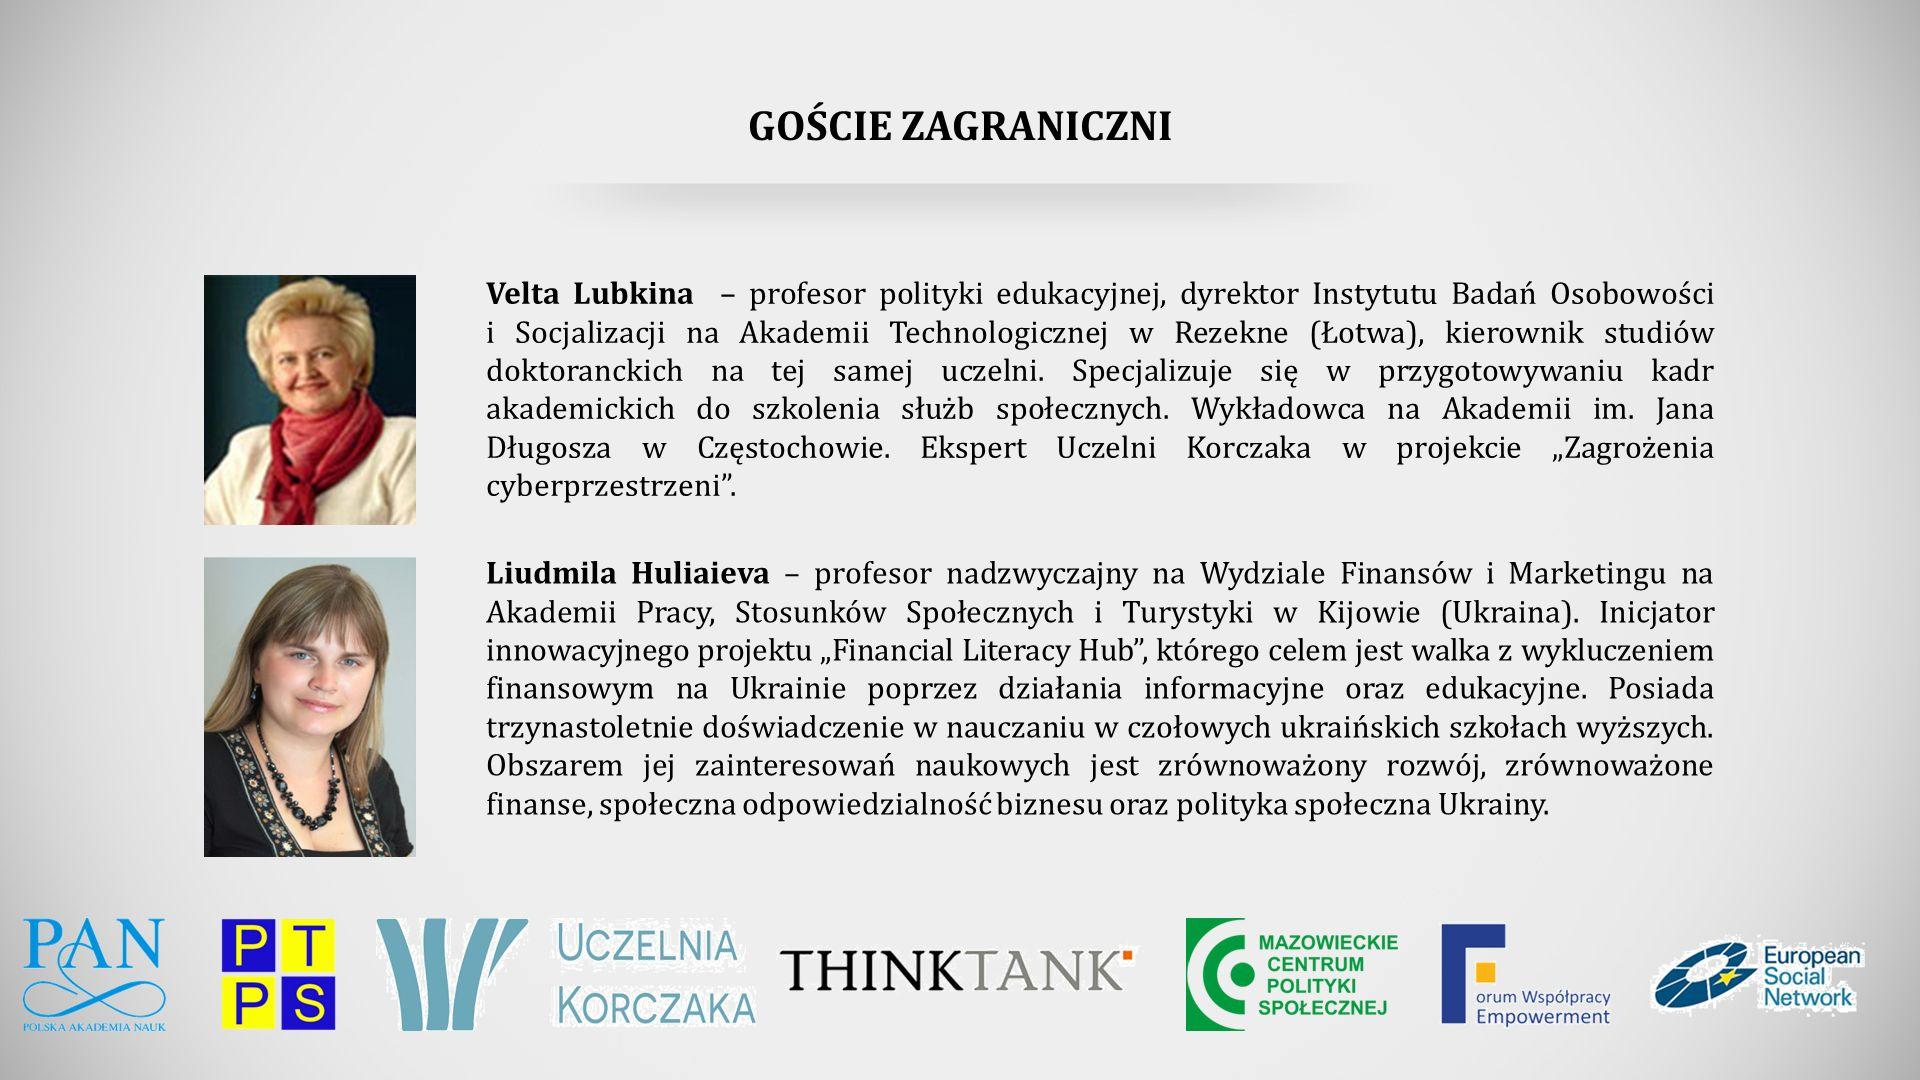 GOŚCIE ZAGRANICZNI Liudmila Huliaieva – profesor nadzwyczajny na Wydziale Finansów i Marketingu na Akademii Pracy, Stosunków Społecznych i Turystyki w Kijowie (Ukraina).